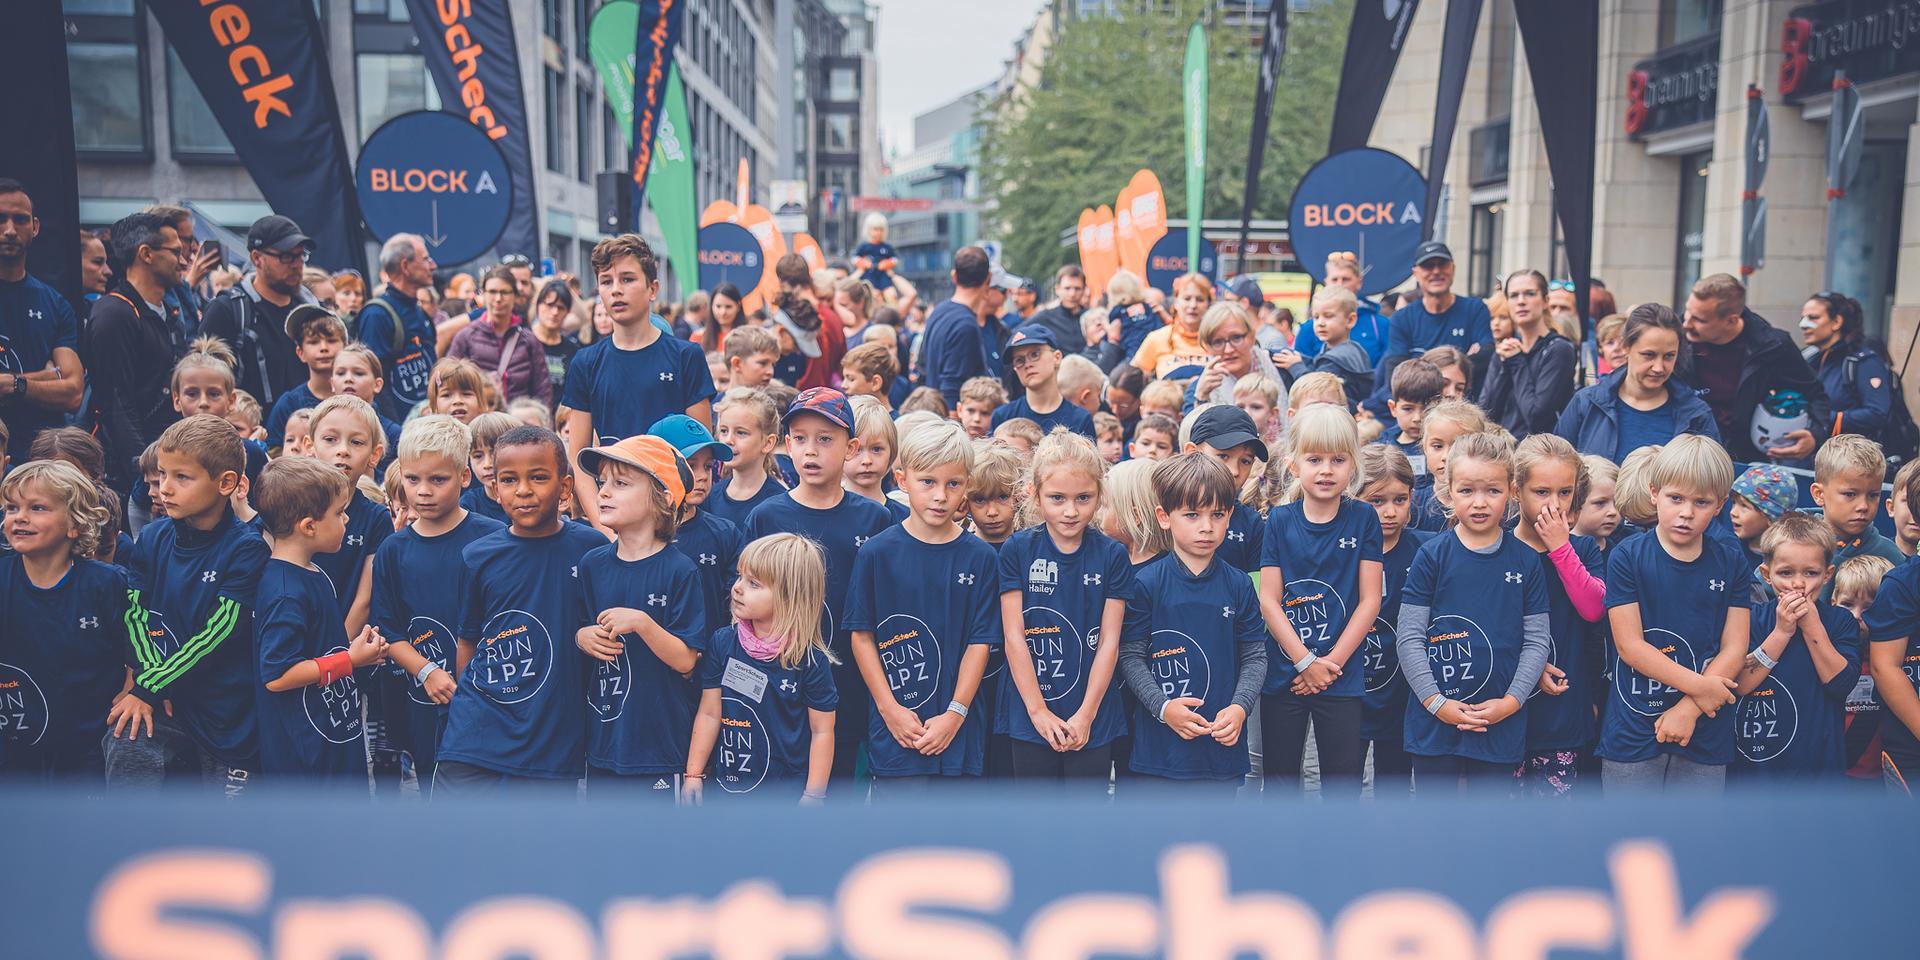 Der Start des Kinder Stadtlaufs in Augsburg.